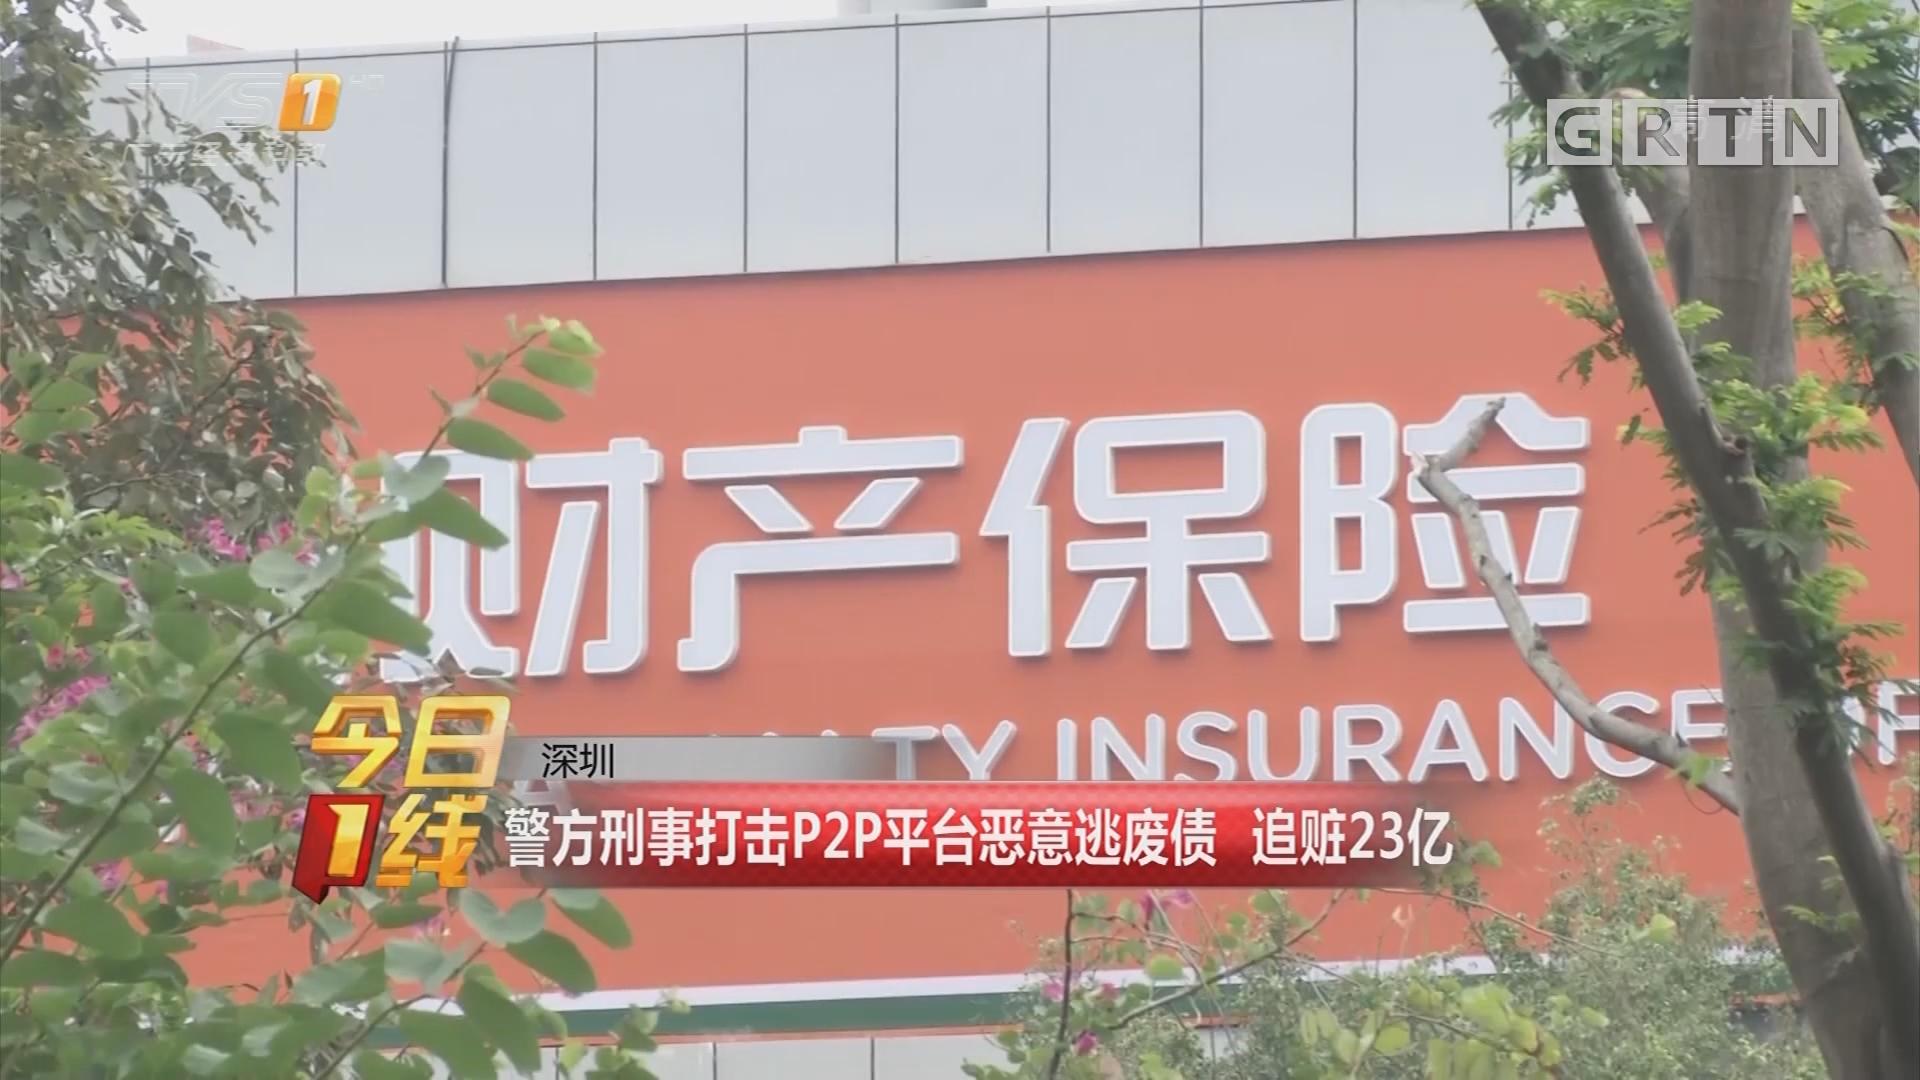 深圳:警方刑事打击P2P平台恶意逃废债 追赃23亿